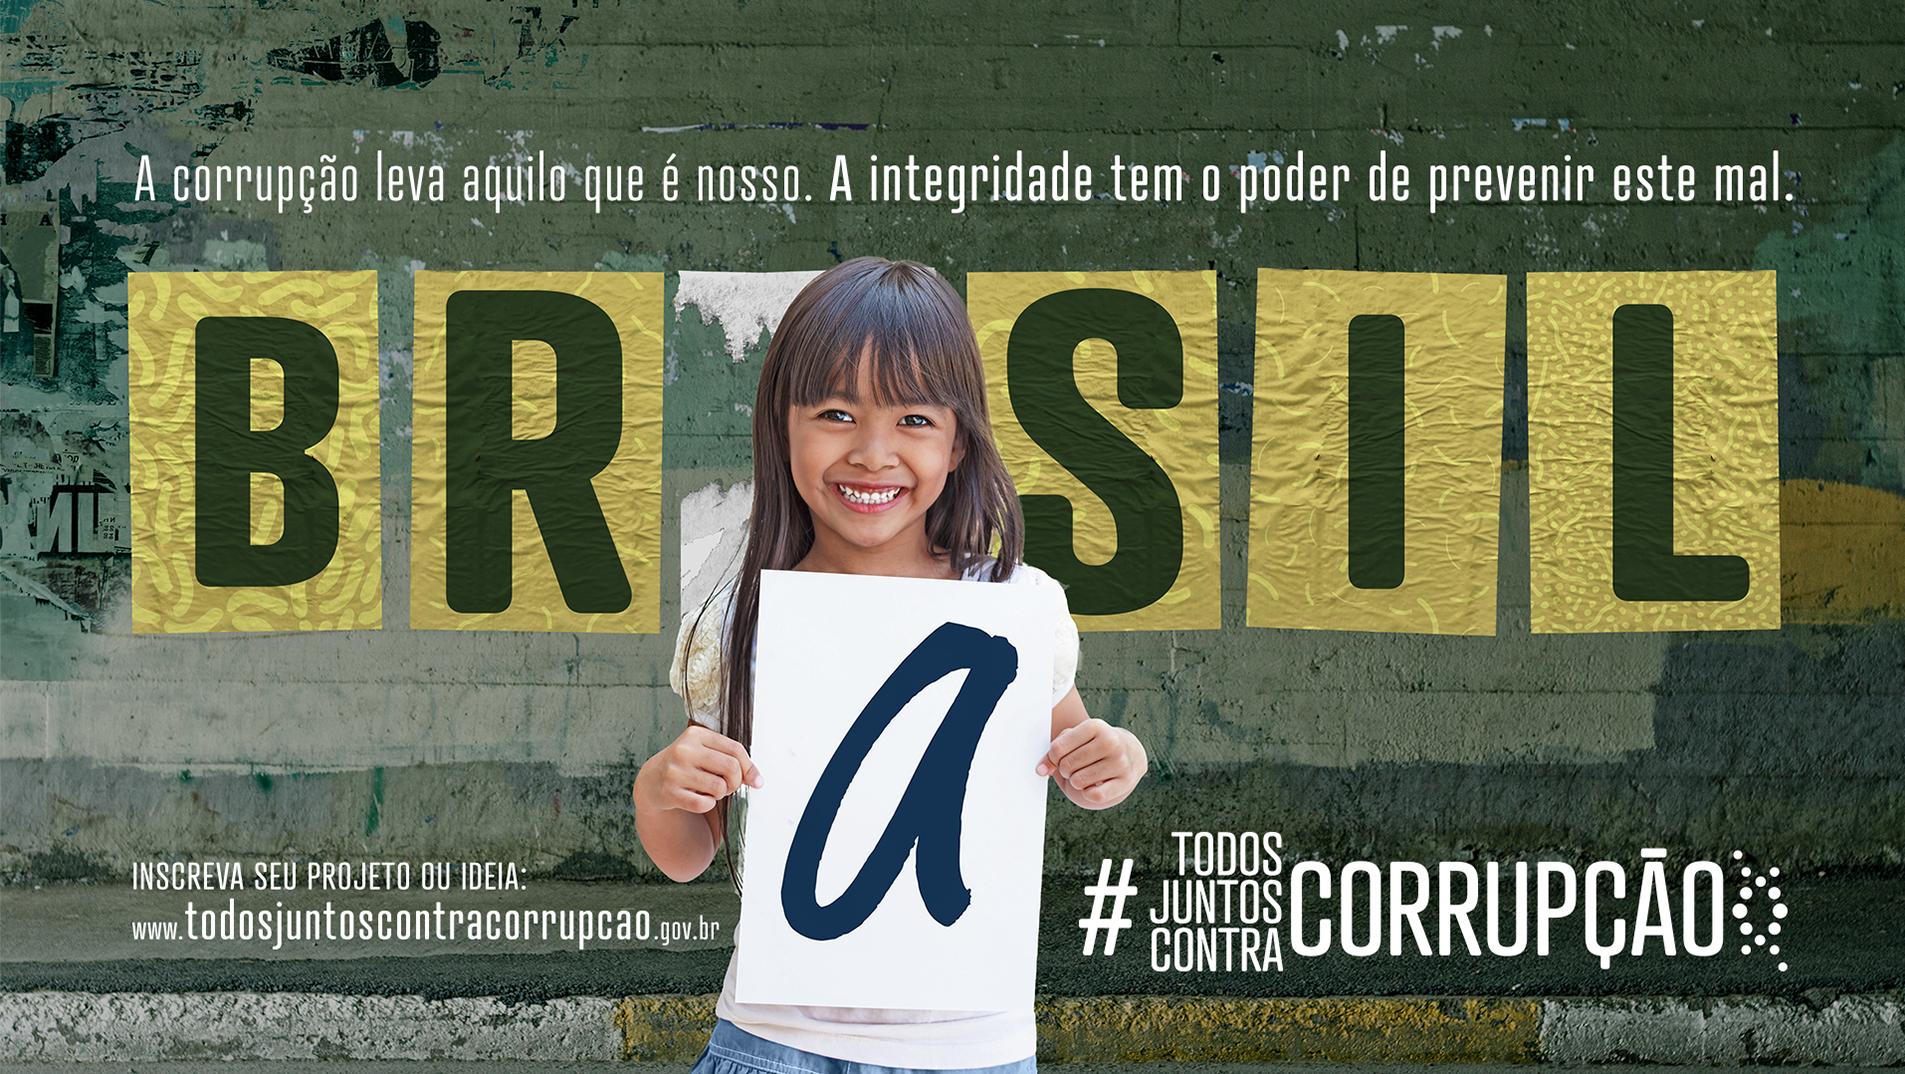 Campanha Todos Juntos contra a corrupção